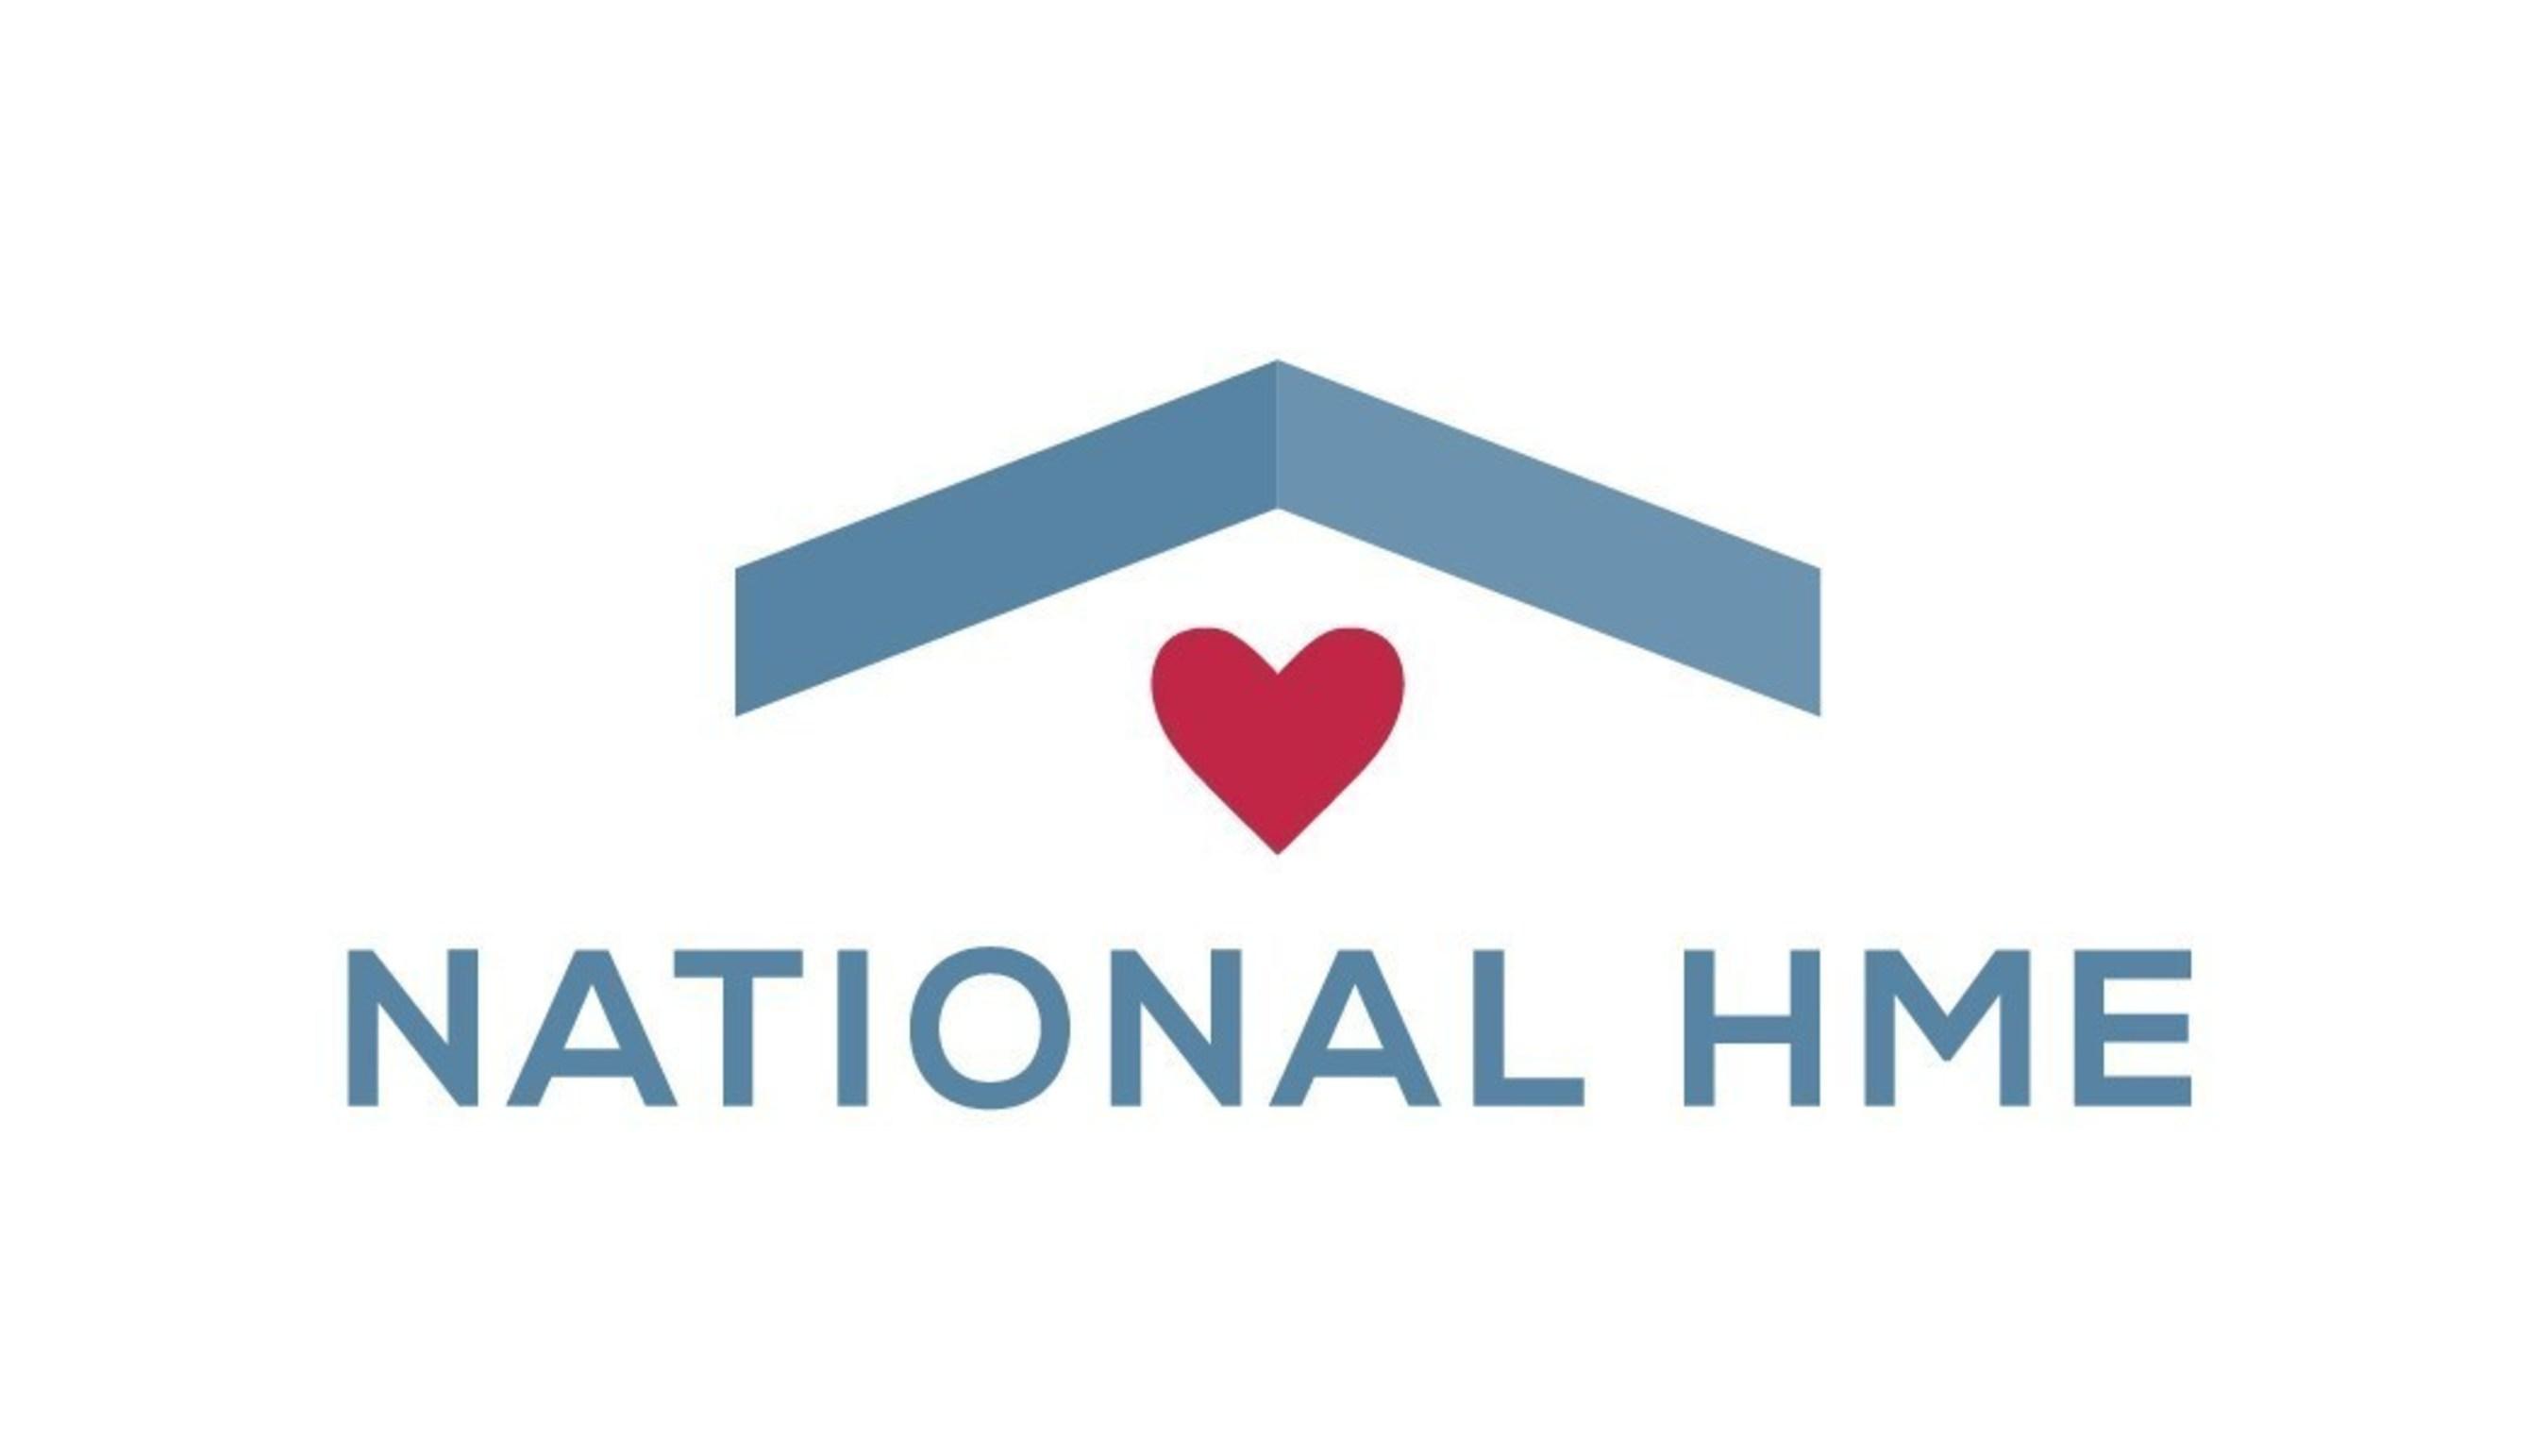 National HME, Inc.  www.nationalhme.com (PRNewsFoto/National HME, Inc.)